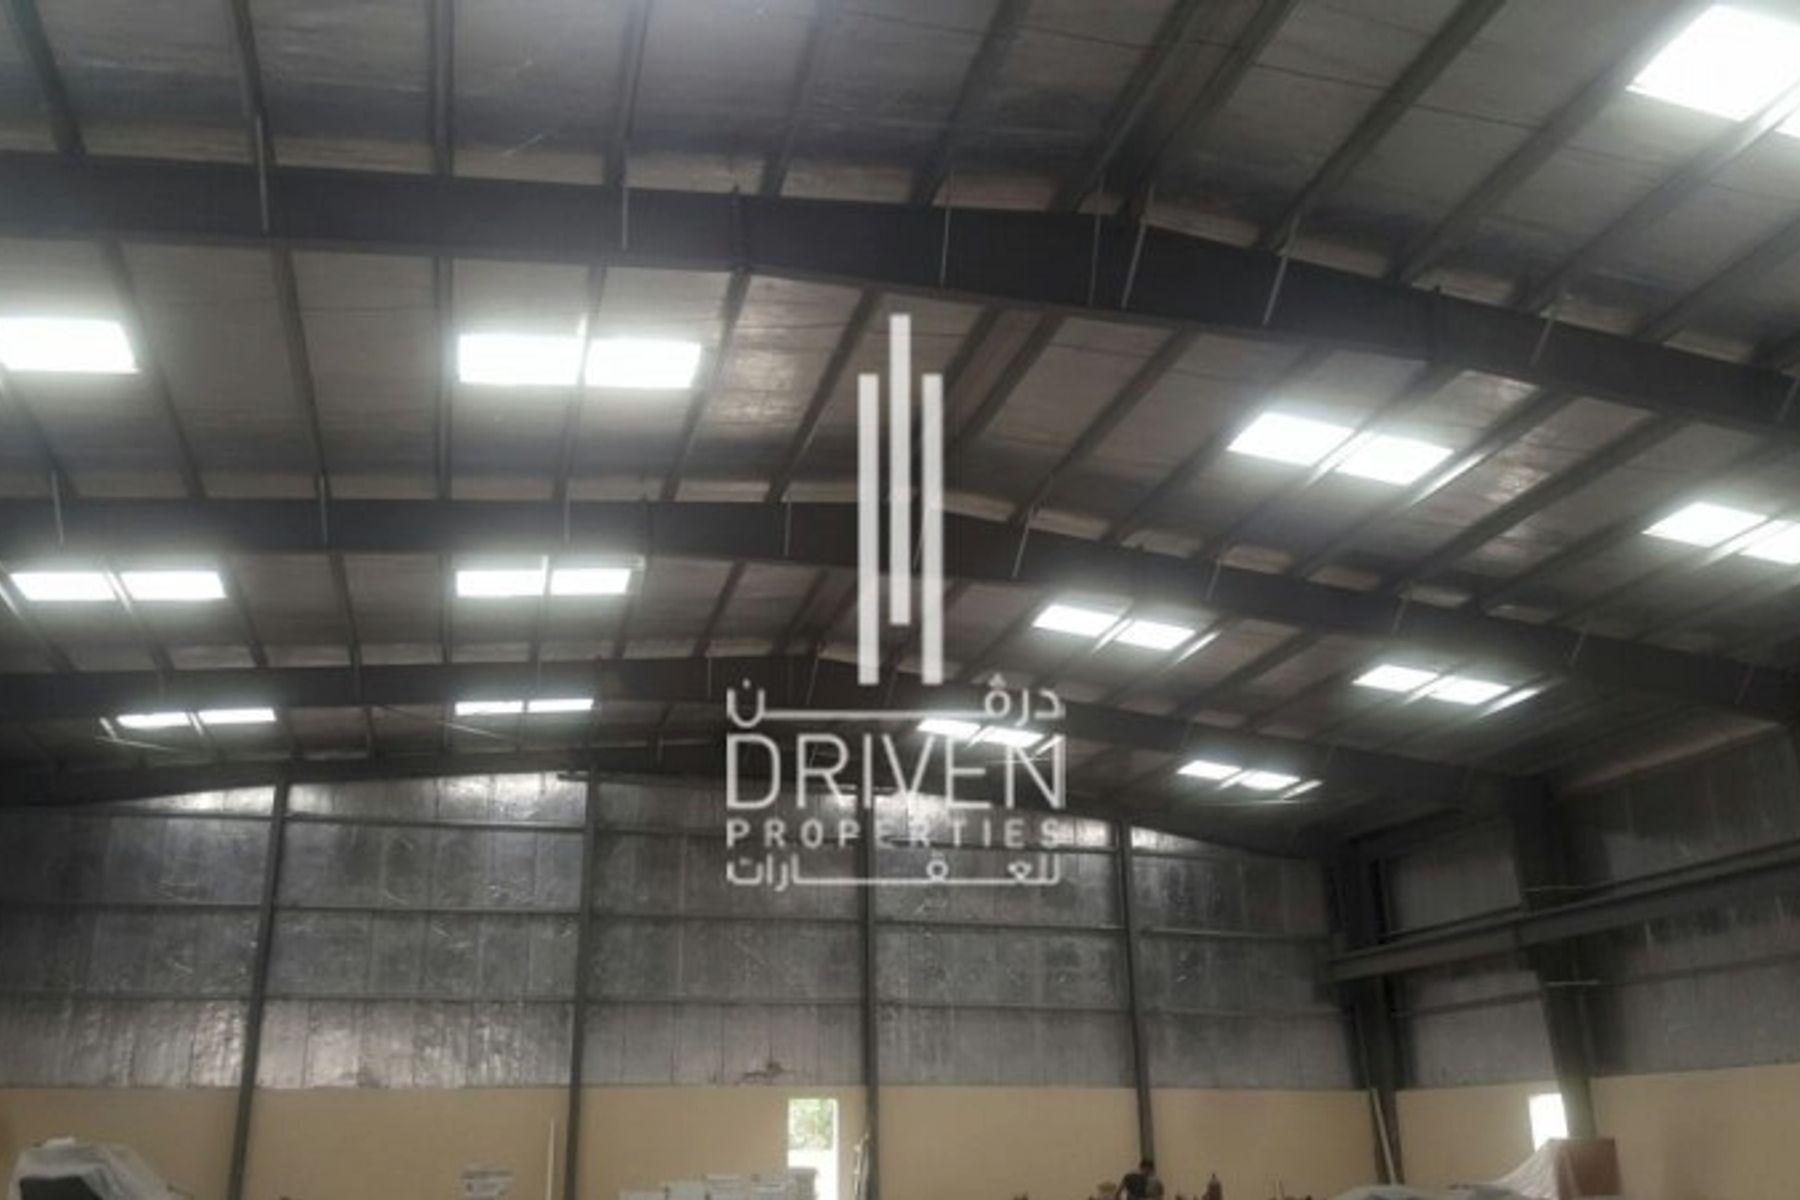 24,000 قدم مربع  مستودع - للبيع - حديقة دبي الصناعية